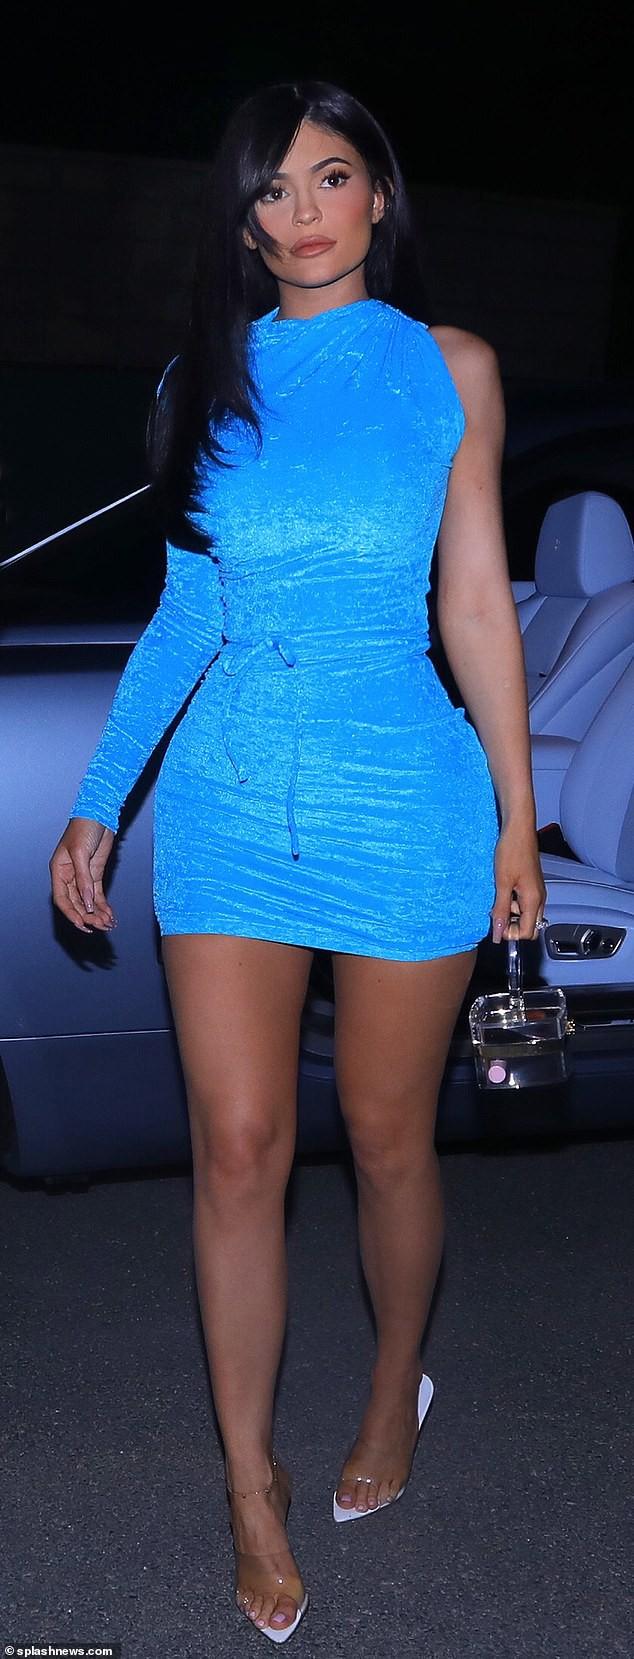 Mặc váy xanh lét đồng bộ với siêu xe, tỉ phú tự thân Kylie Jenner bị mỉa mai tiền không mua được đẳng cấp - Ảnh 3.